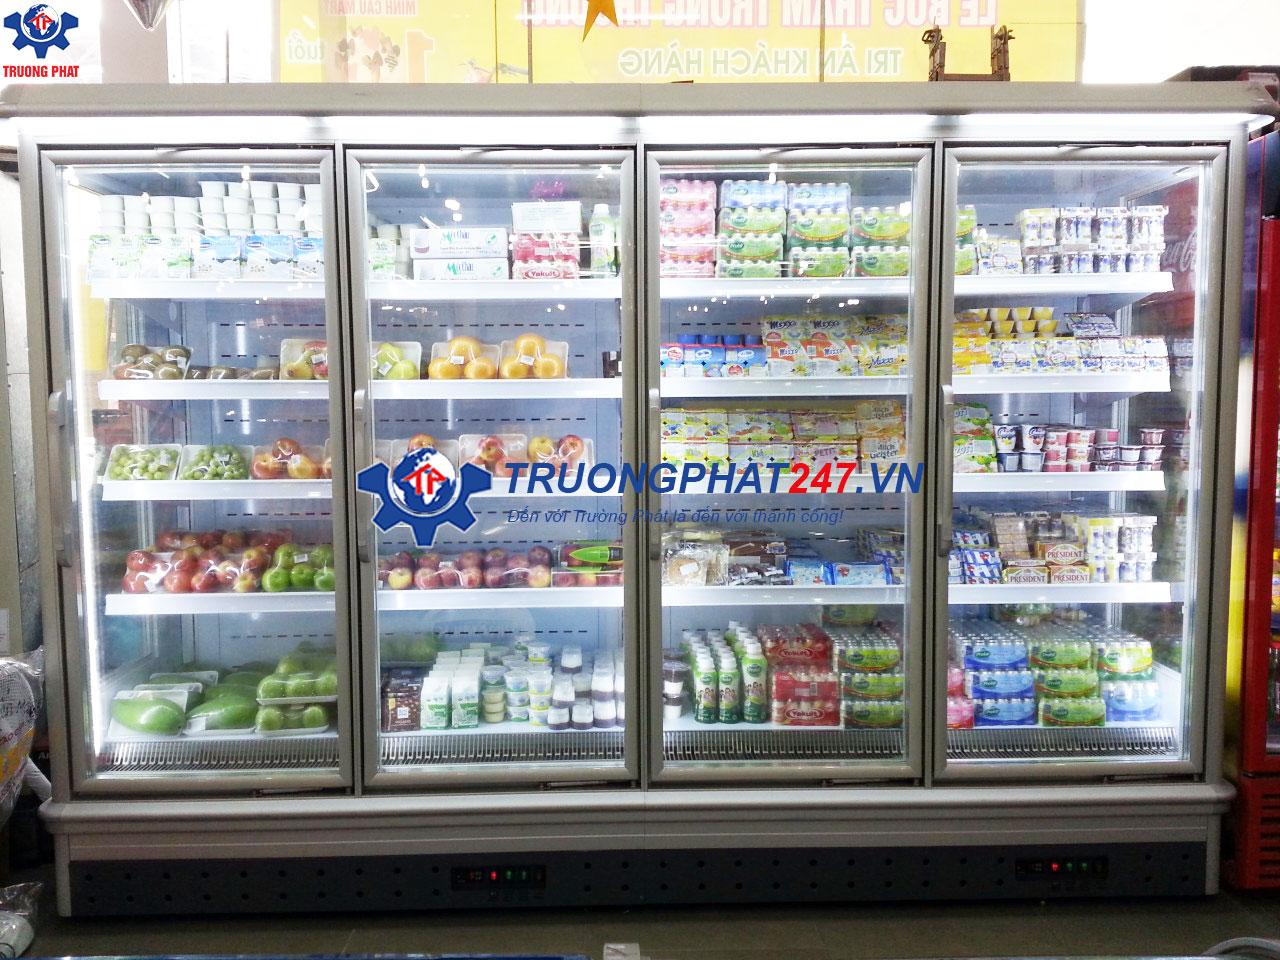 lắp tủ bảo quản thực phẩm siêu thị có cánh kính